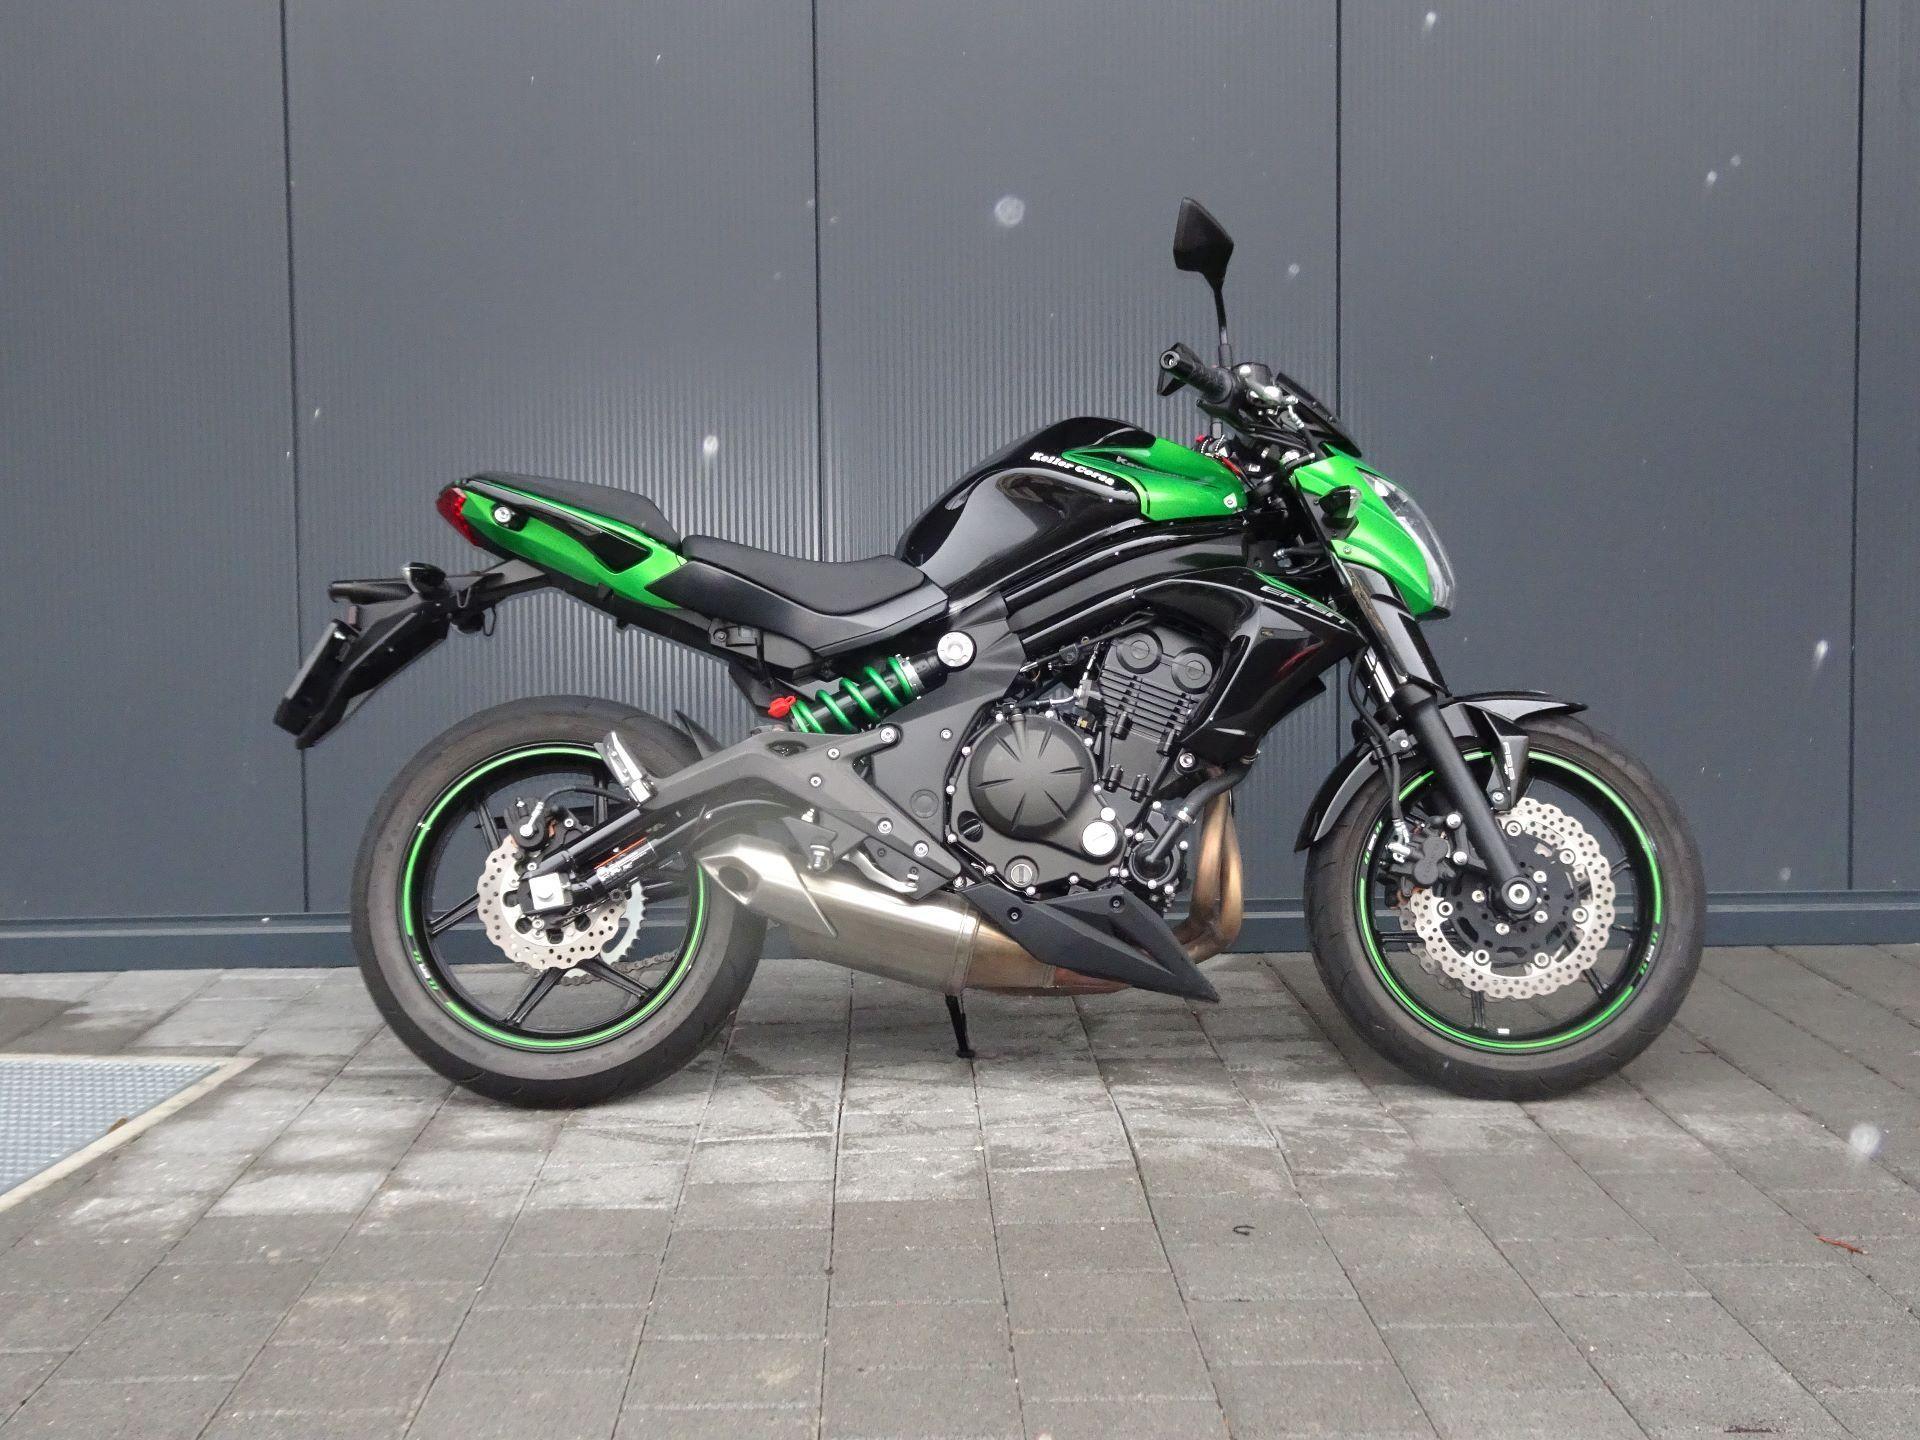 motorrad occasion kaufen kawasaki er 6n keller motos ag siggenthal station. Black Bedroom Furniture Sets. Home Design Ideas